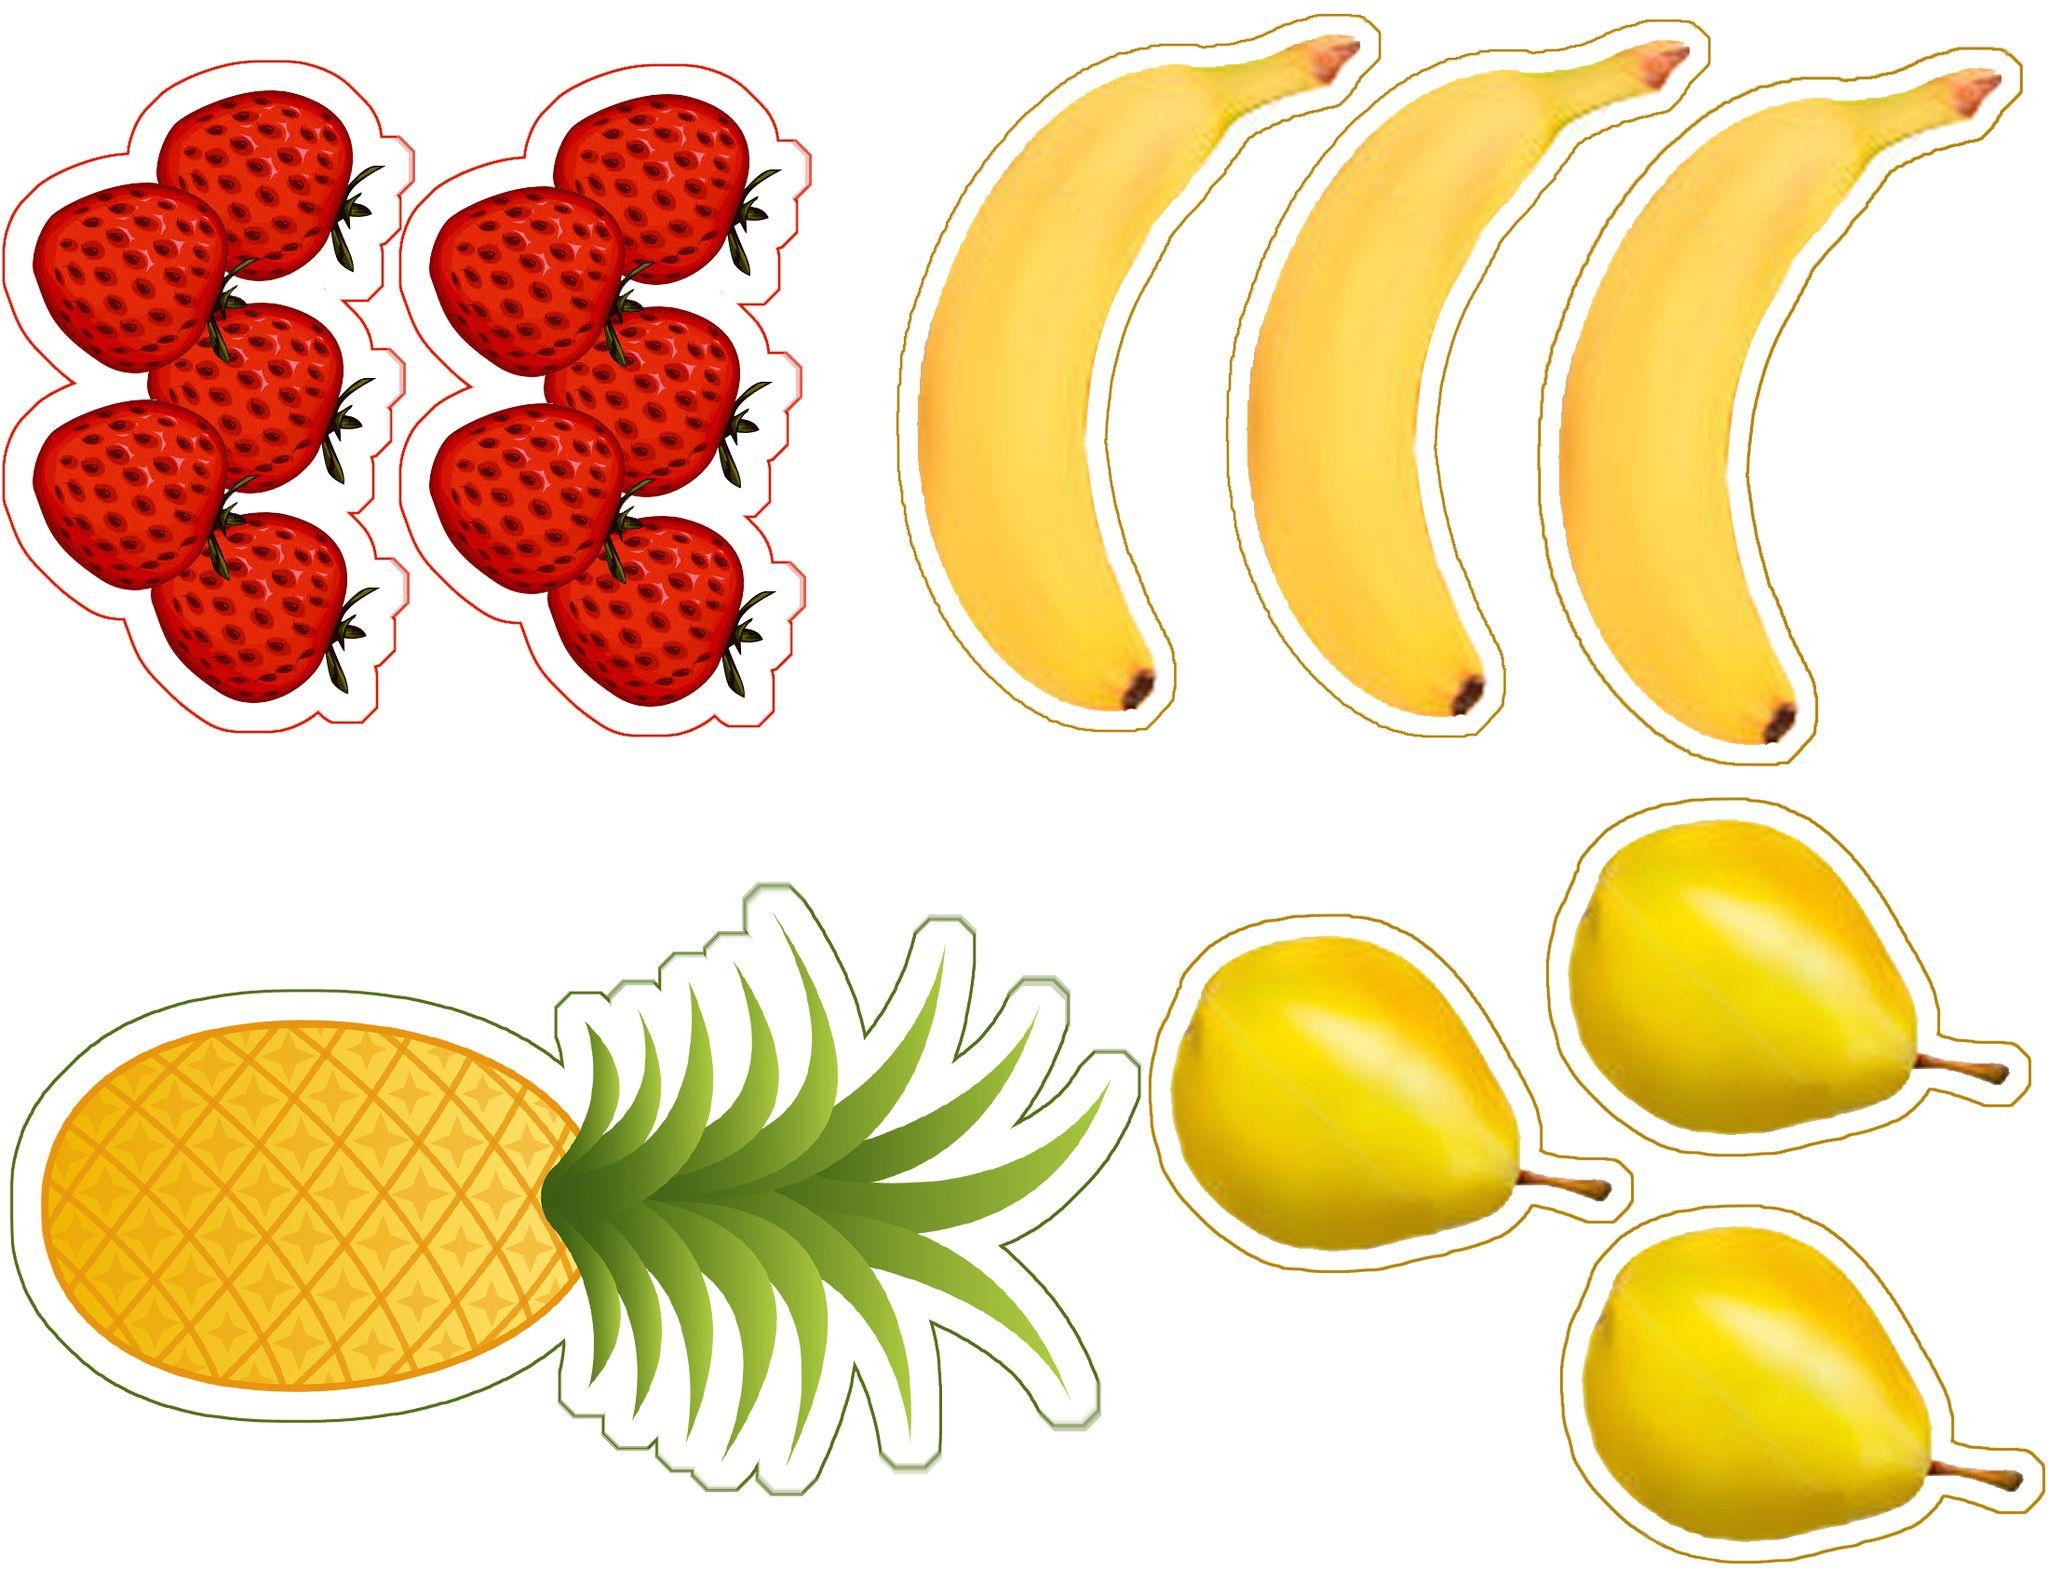 Vamos A Feira Imagens De Alimentos Para Imprimir E Recortar